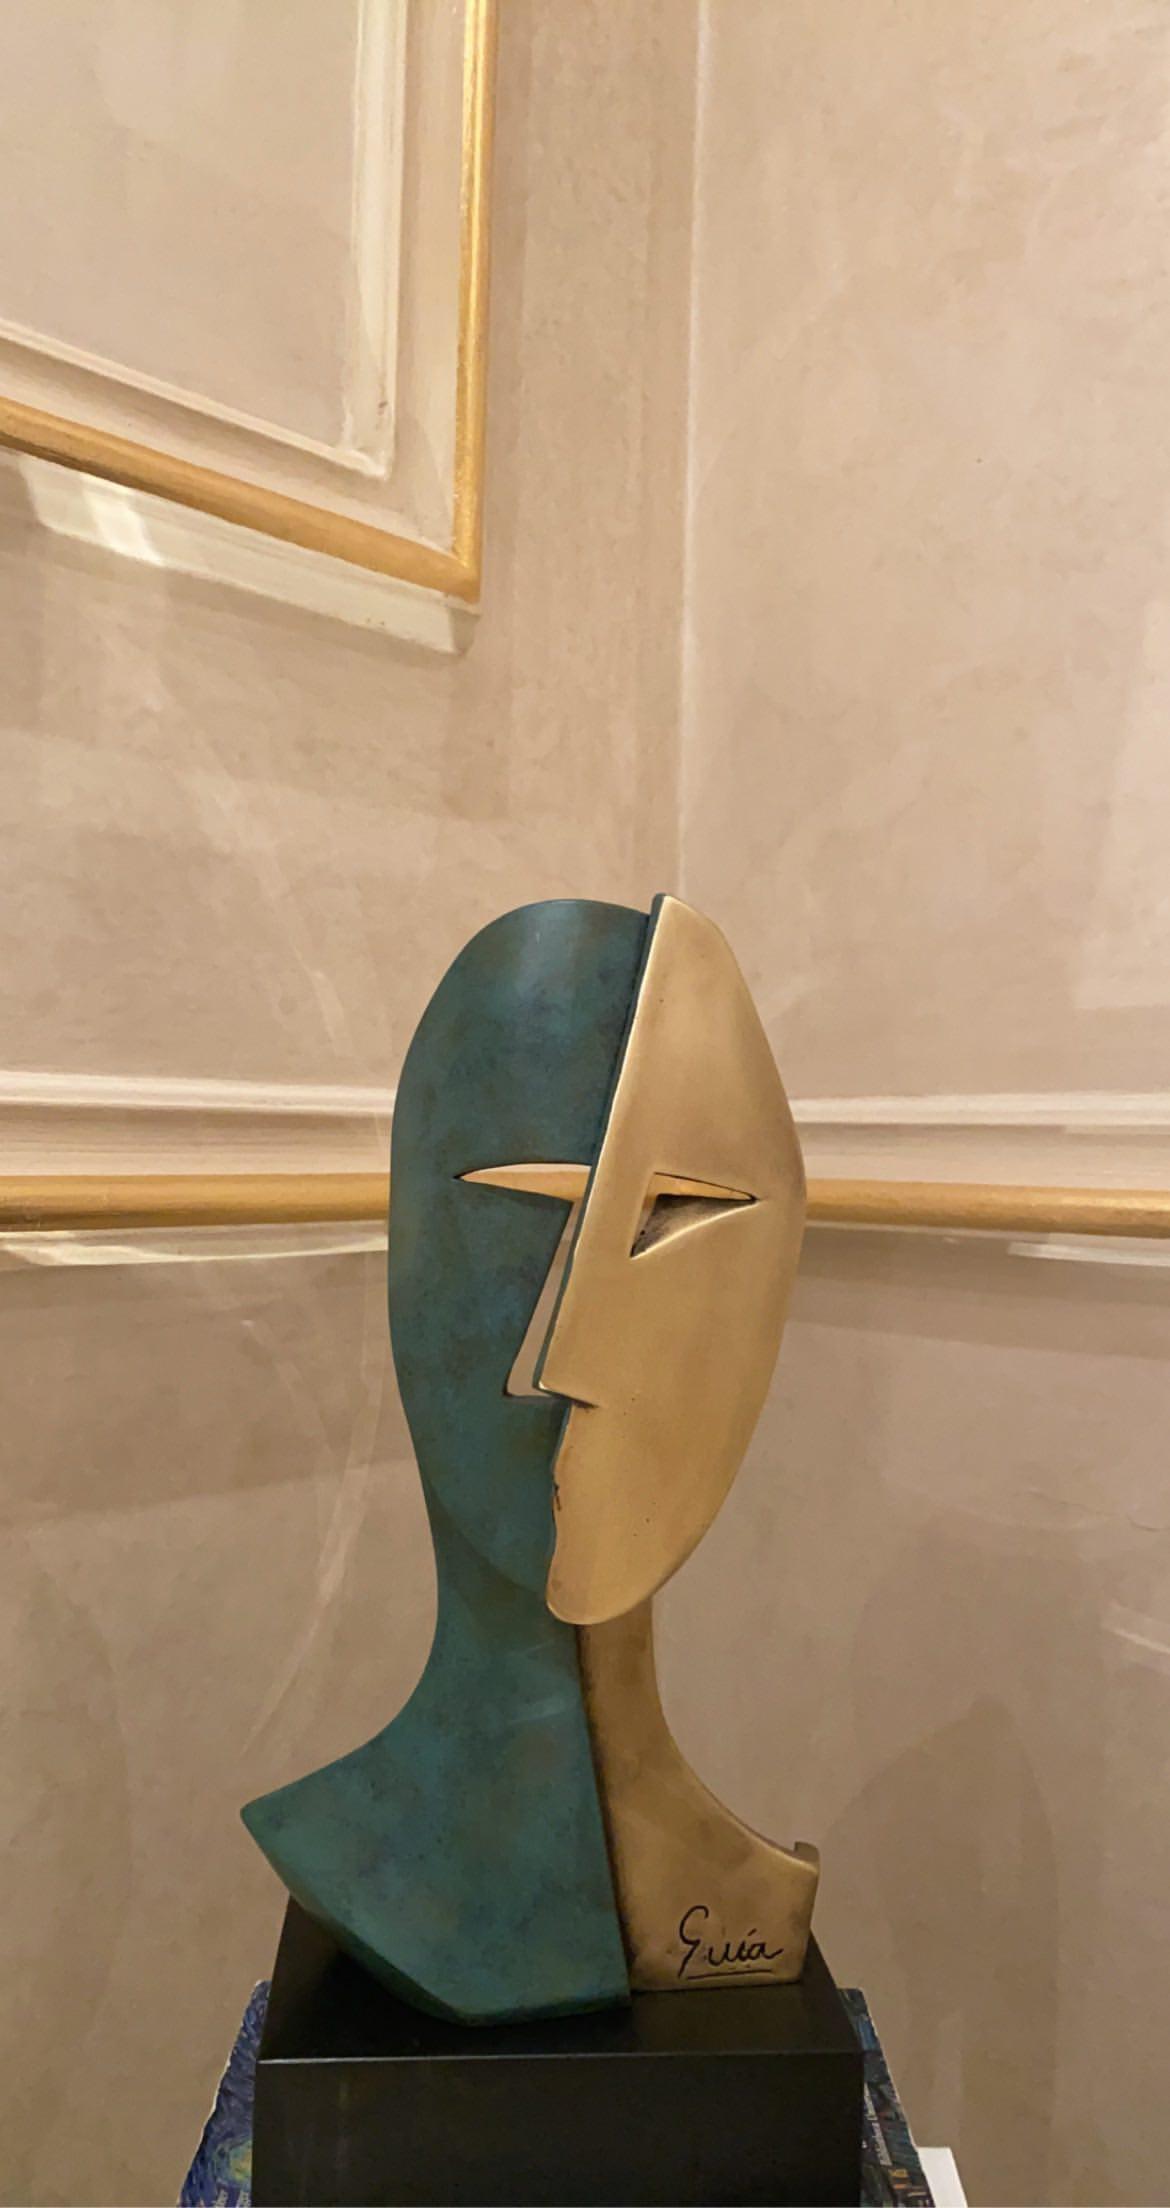 coleccionista-doha-london-93823